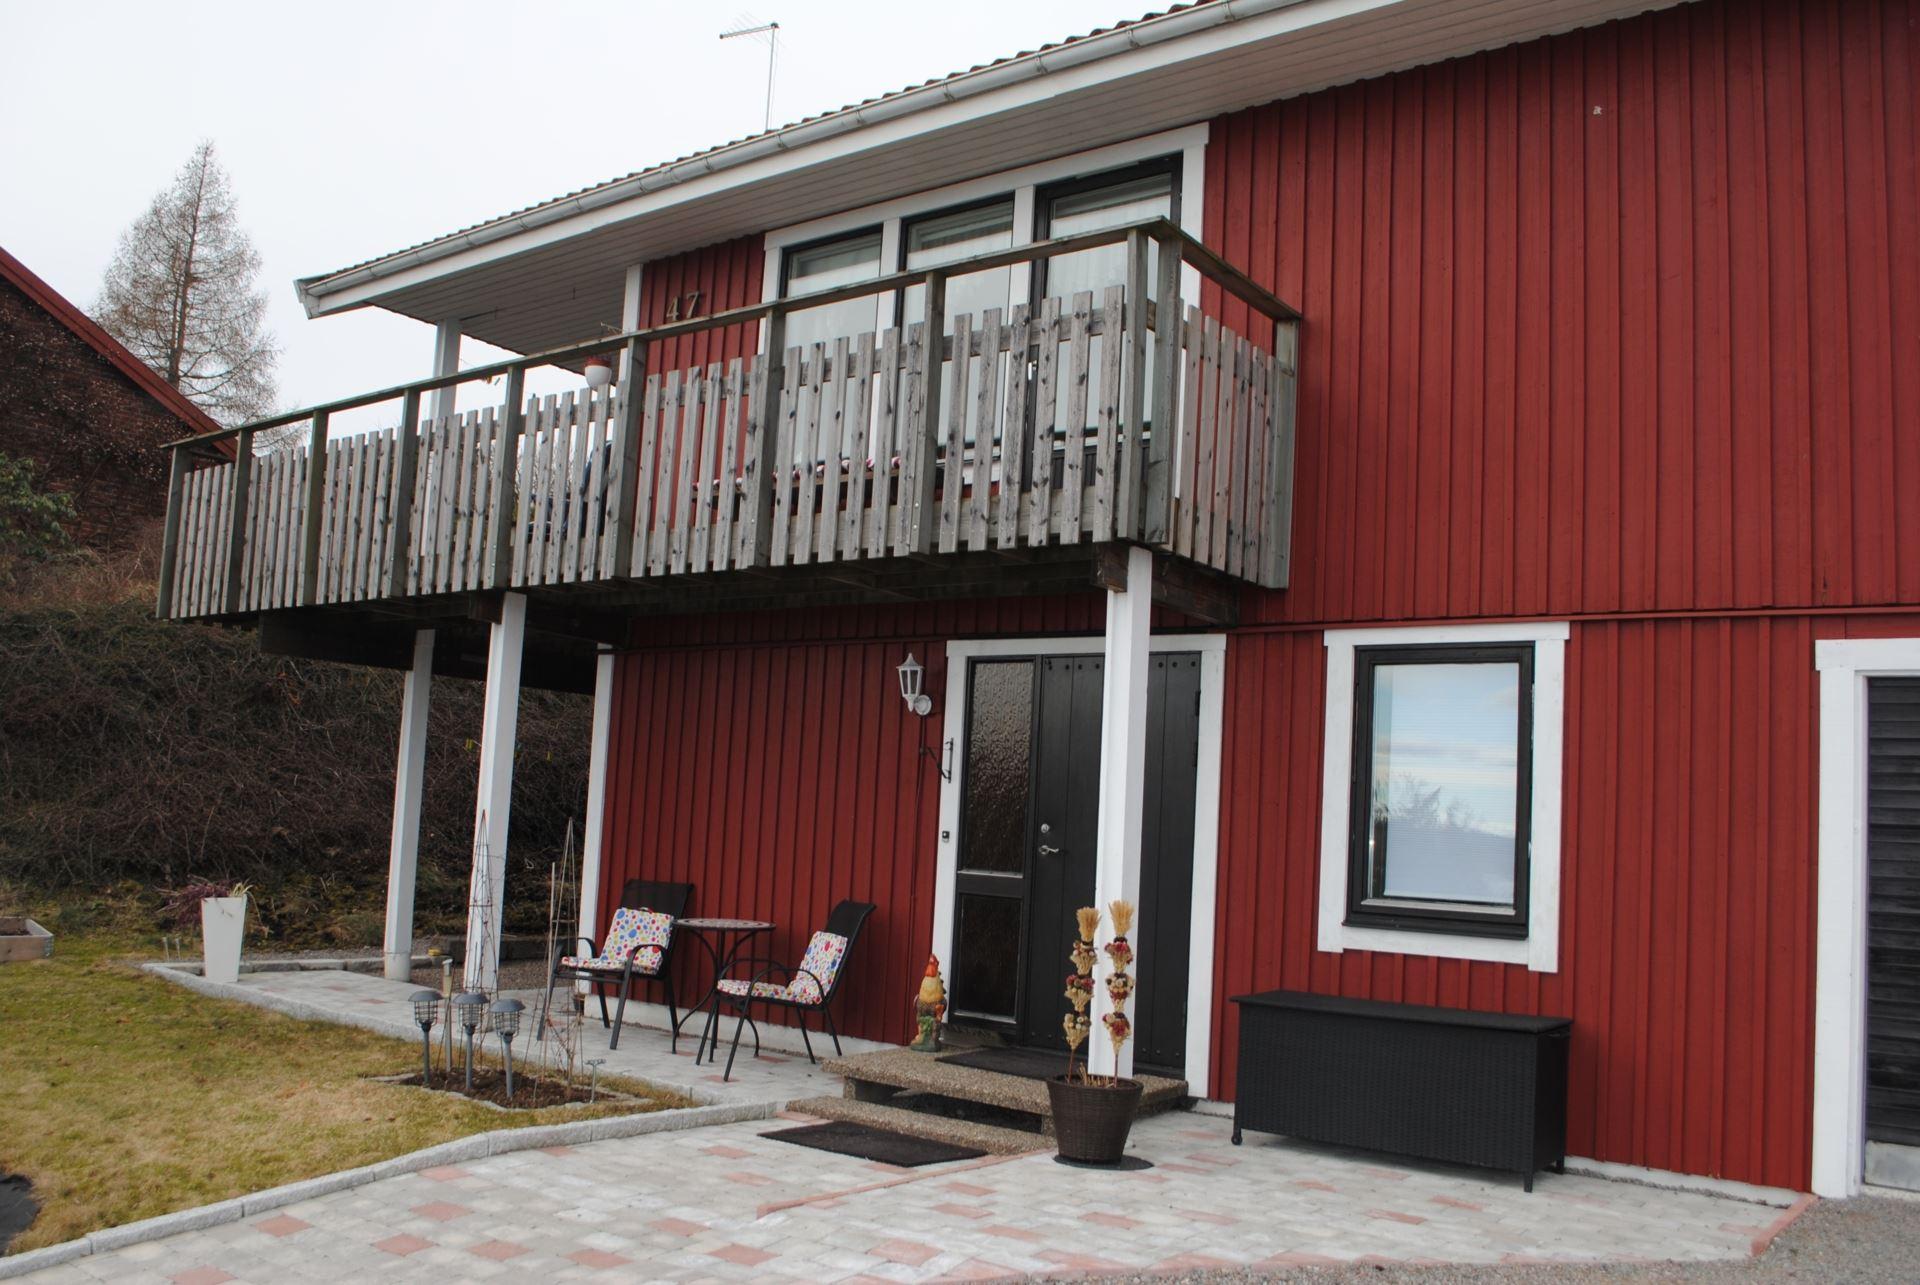 BFS163 Laxsjö